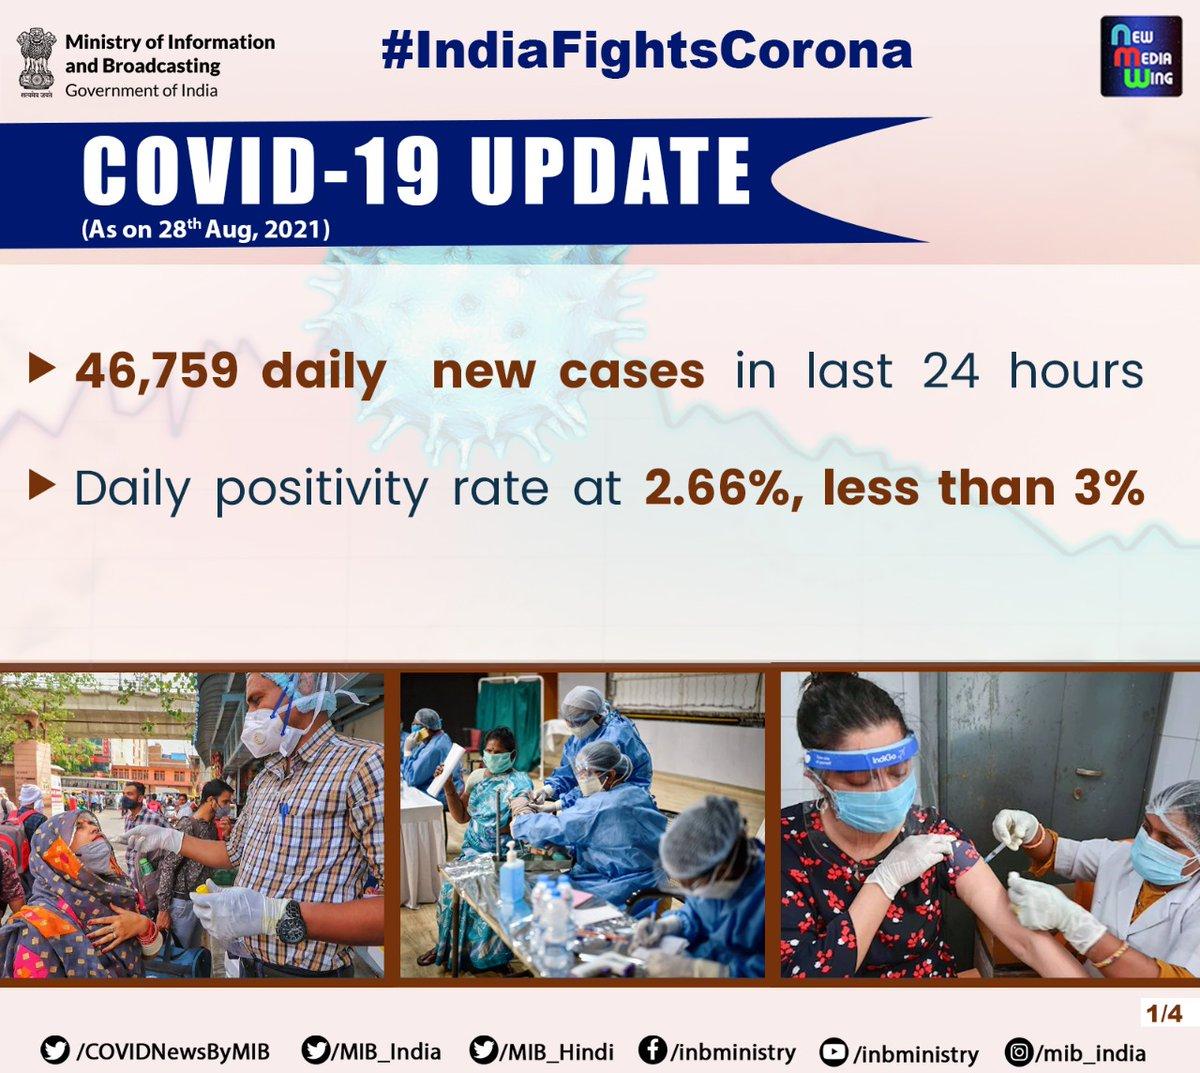 IndiaFightsCorona auf Twitter